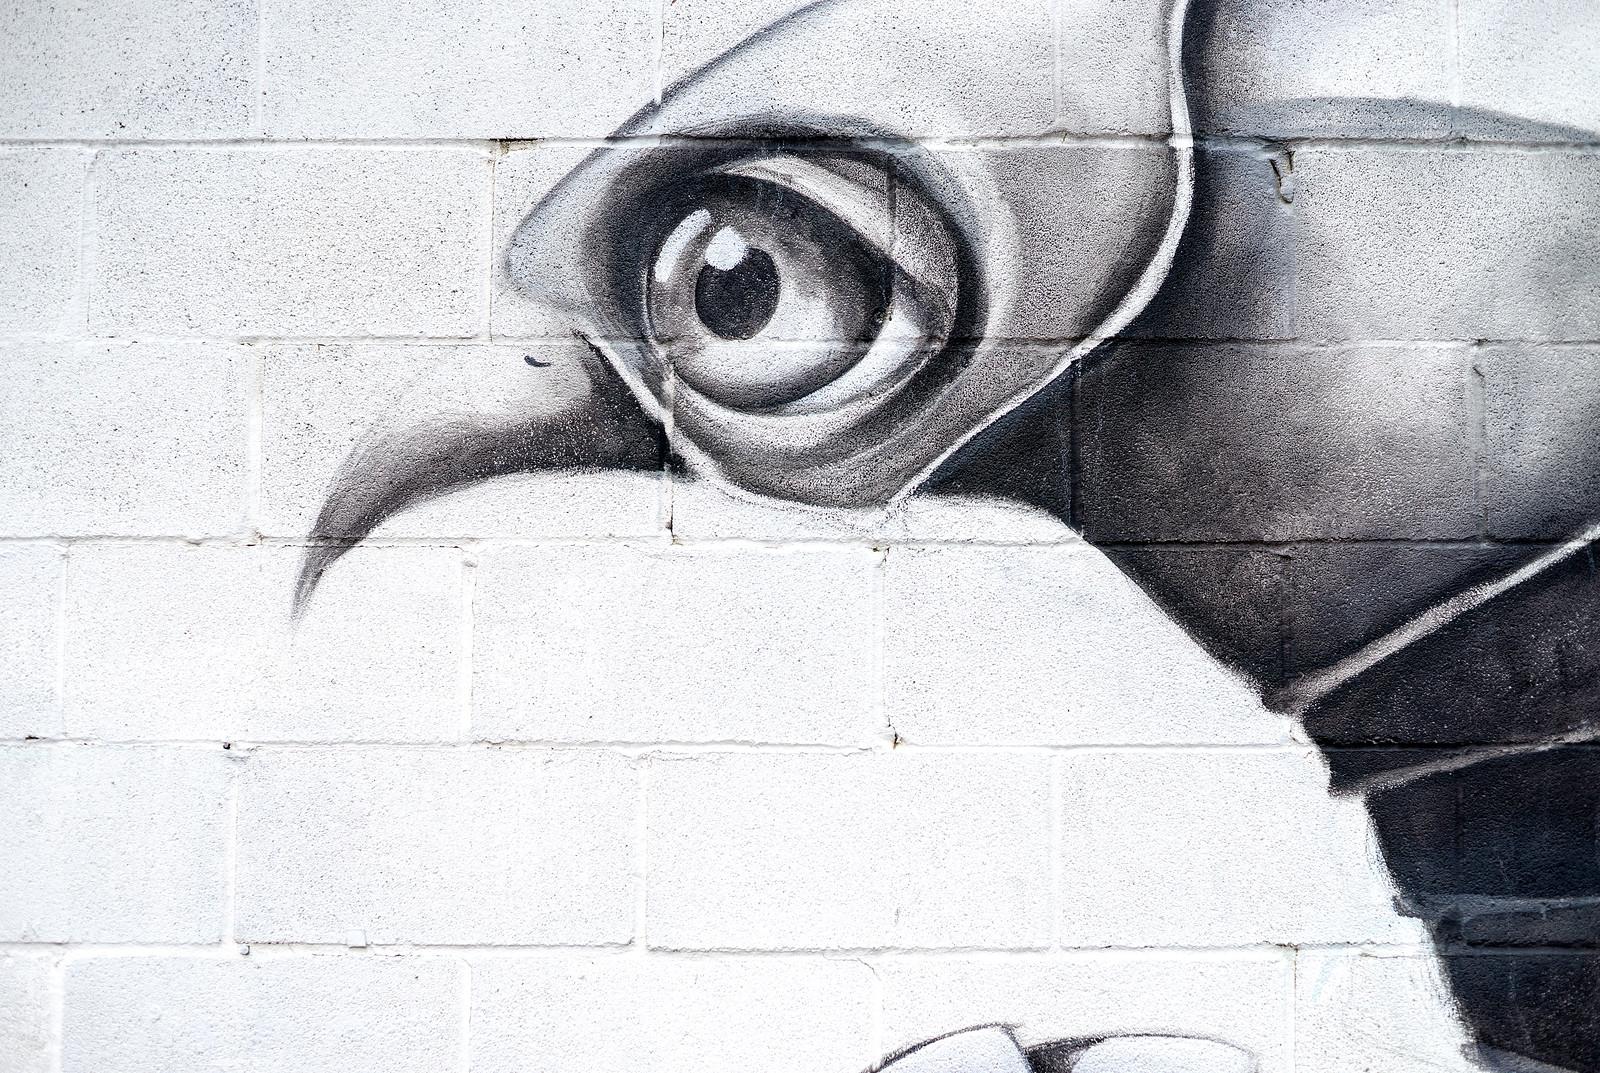 Ana Maria Graffiti Ana Maria Detail Close up